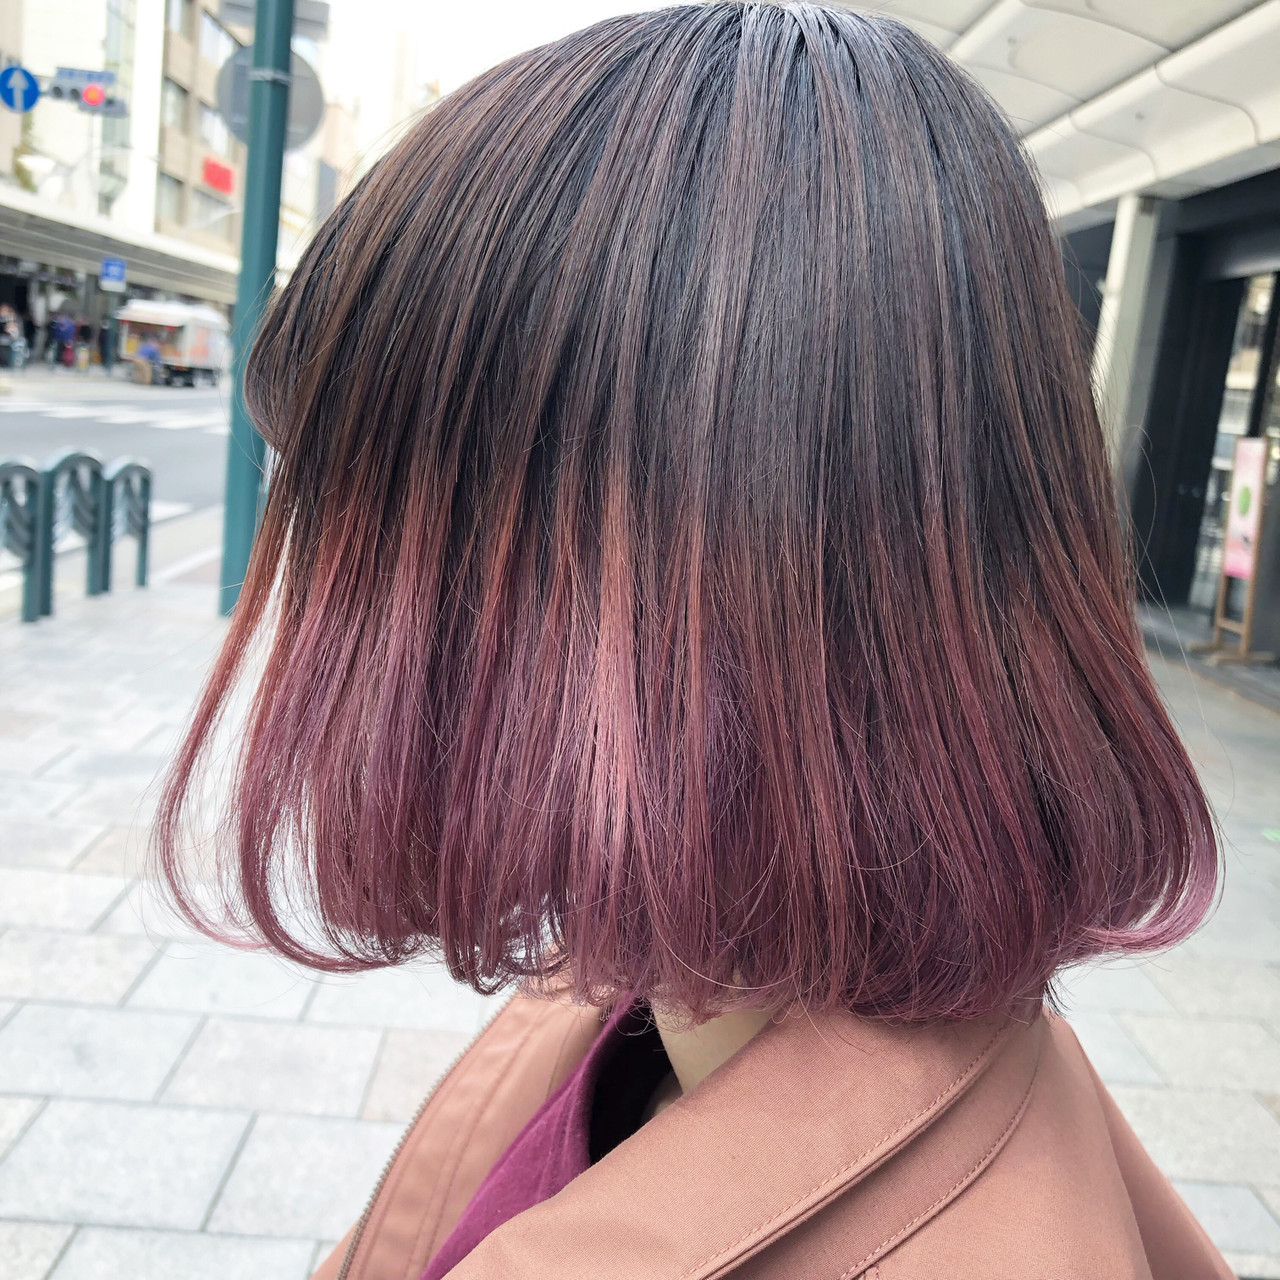 ブリーチカラー ピンクバイオレット ブリーチオンカラー ボブ ヘアスタイルや髪型の写真・画像